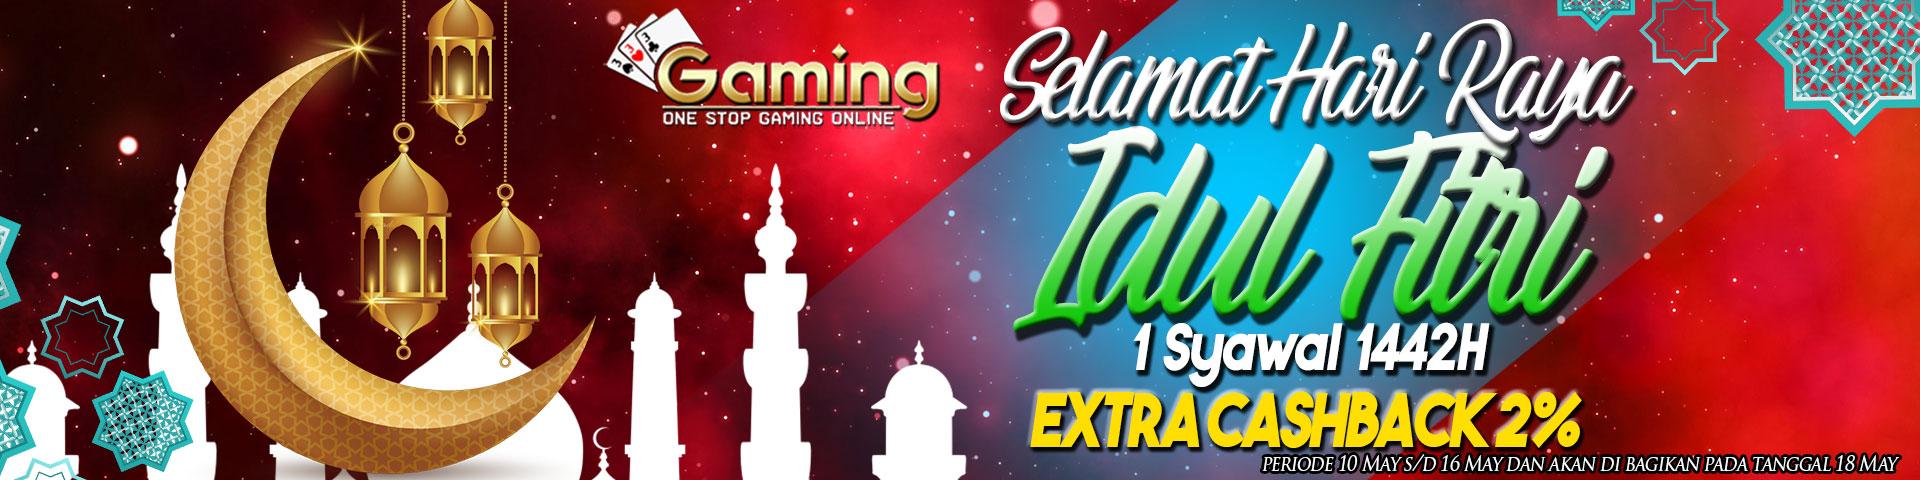 333gaming merupakan agen situs judi online terlengkap di indonesia dengan pilihan hingga ratusan jenis game slot online yang dapat anda mainkan hanya dengan 1 user id saja